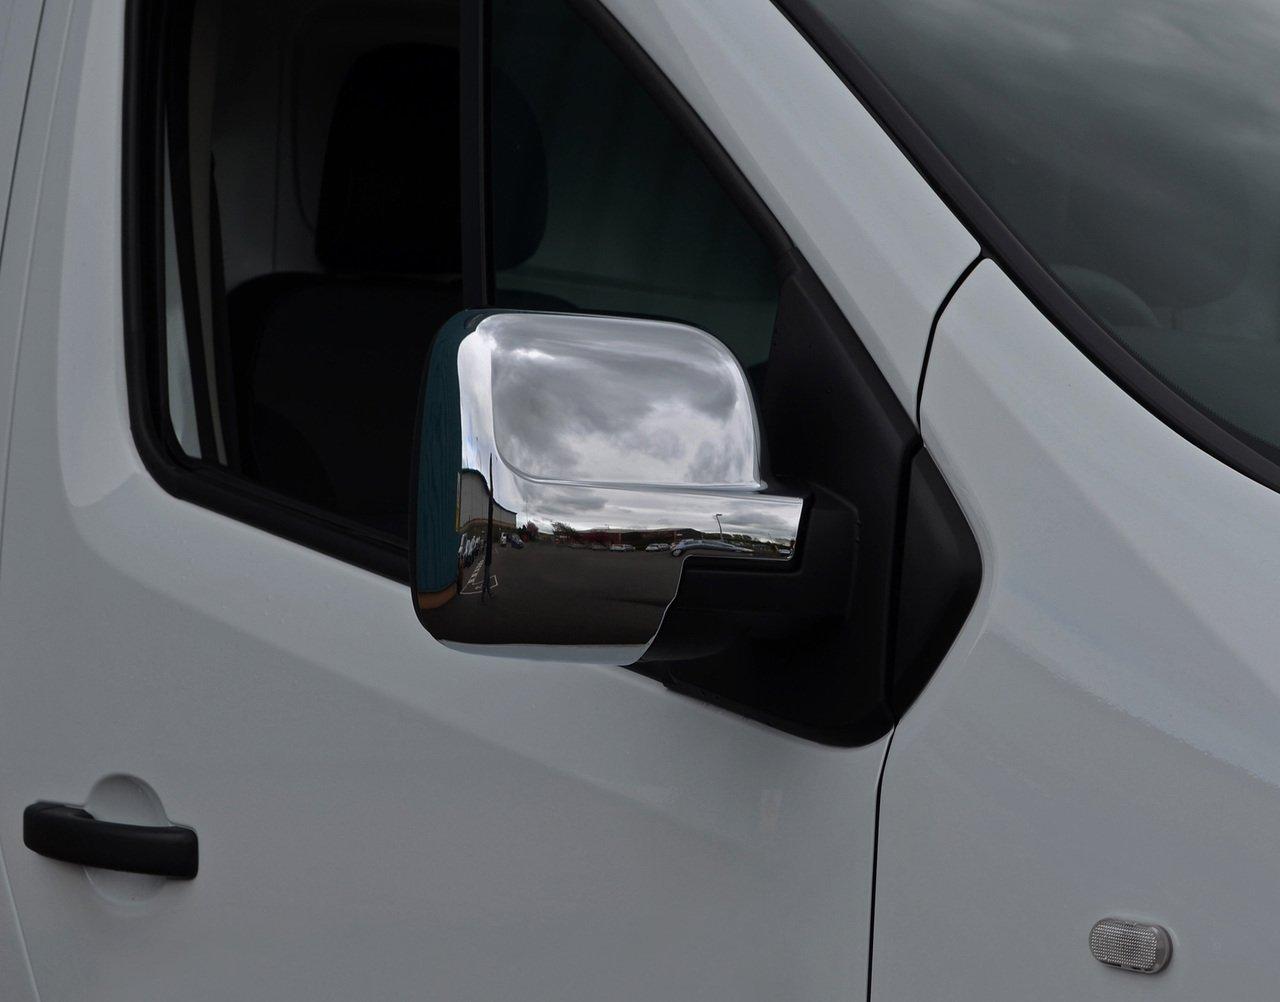 Juego de cubiertas para espejo retrovisor cromado para Trafic 2014+